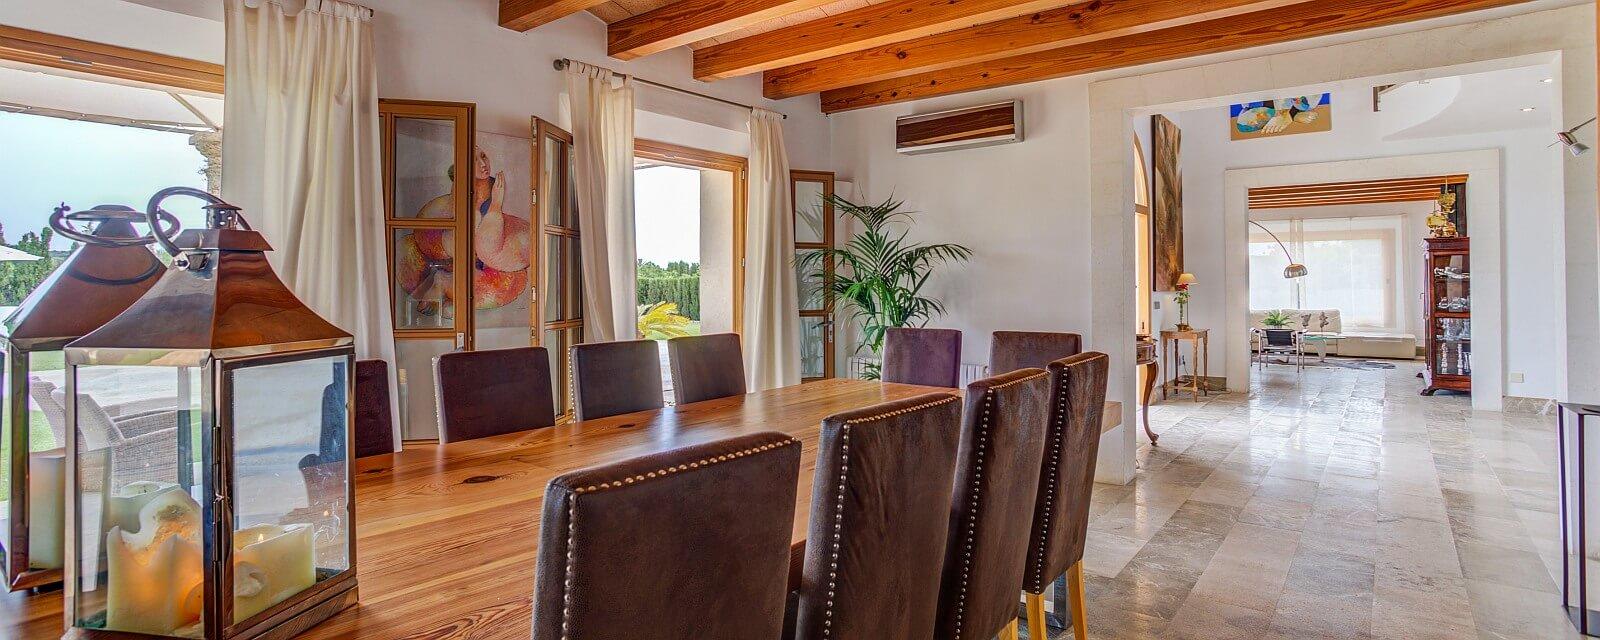 FINCA LA VIDA | Mallorca | Luxuriöse Finca bei LANDMARK mieten